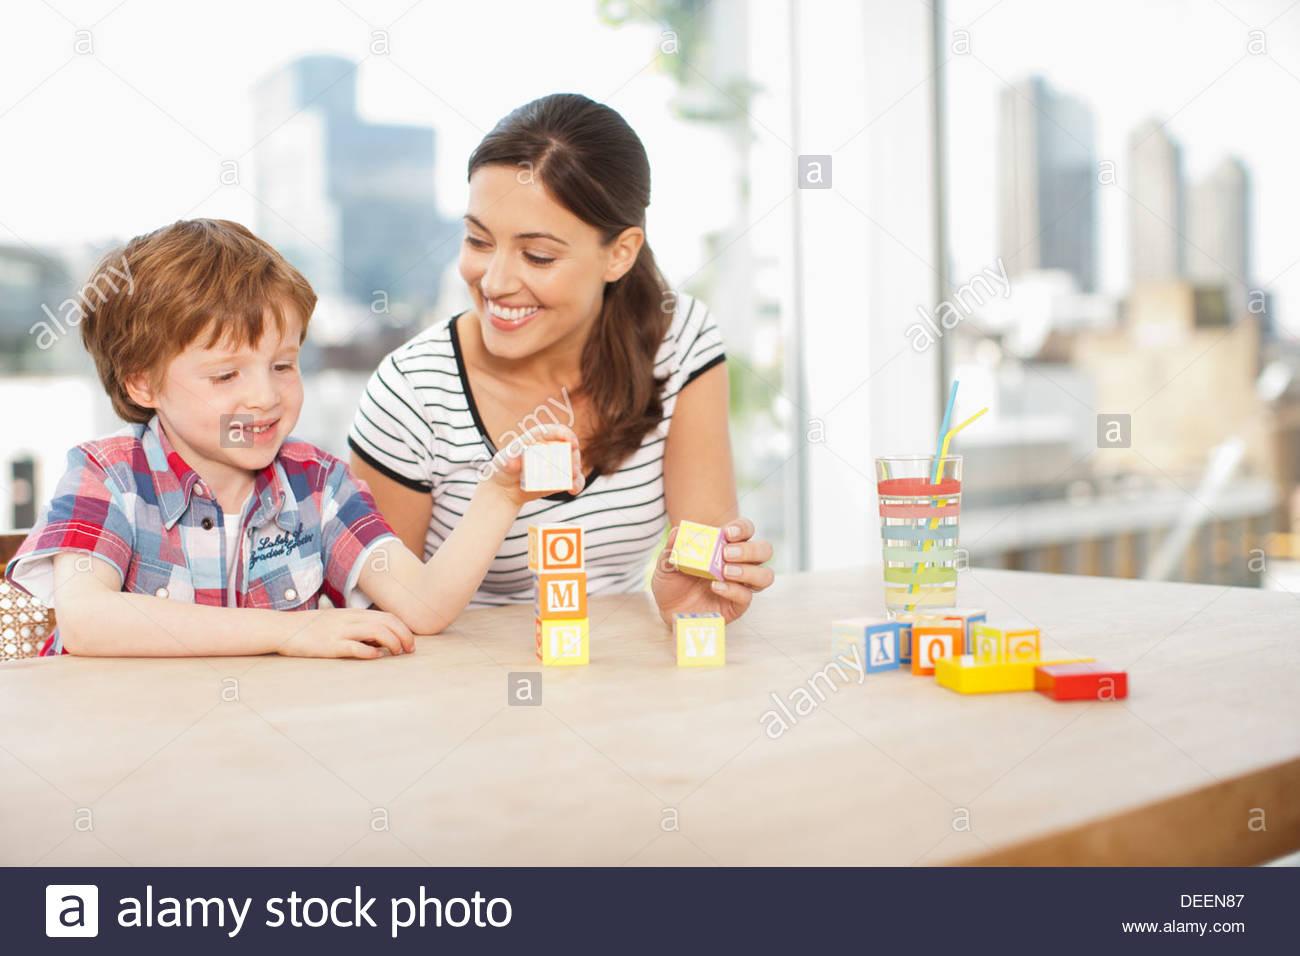 """Madre Mira hijo apilar bloques de letras y ortografía """"hogar"""" Imagen De Stock"""